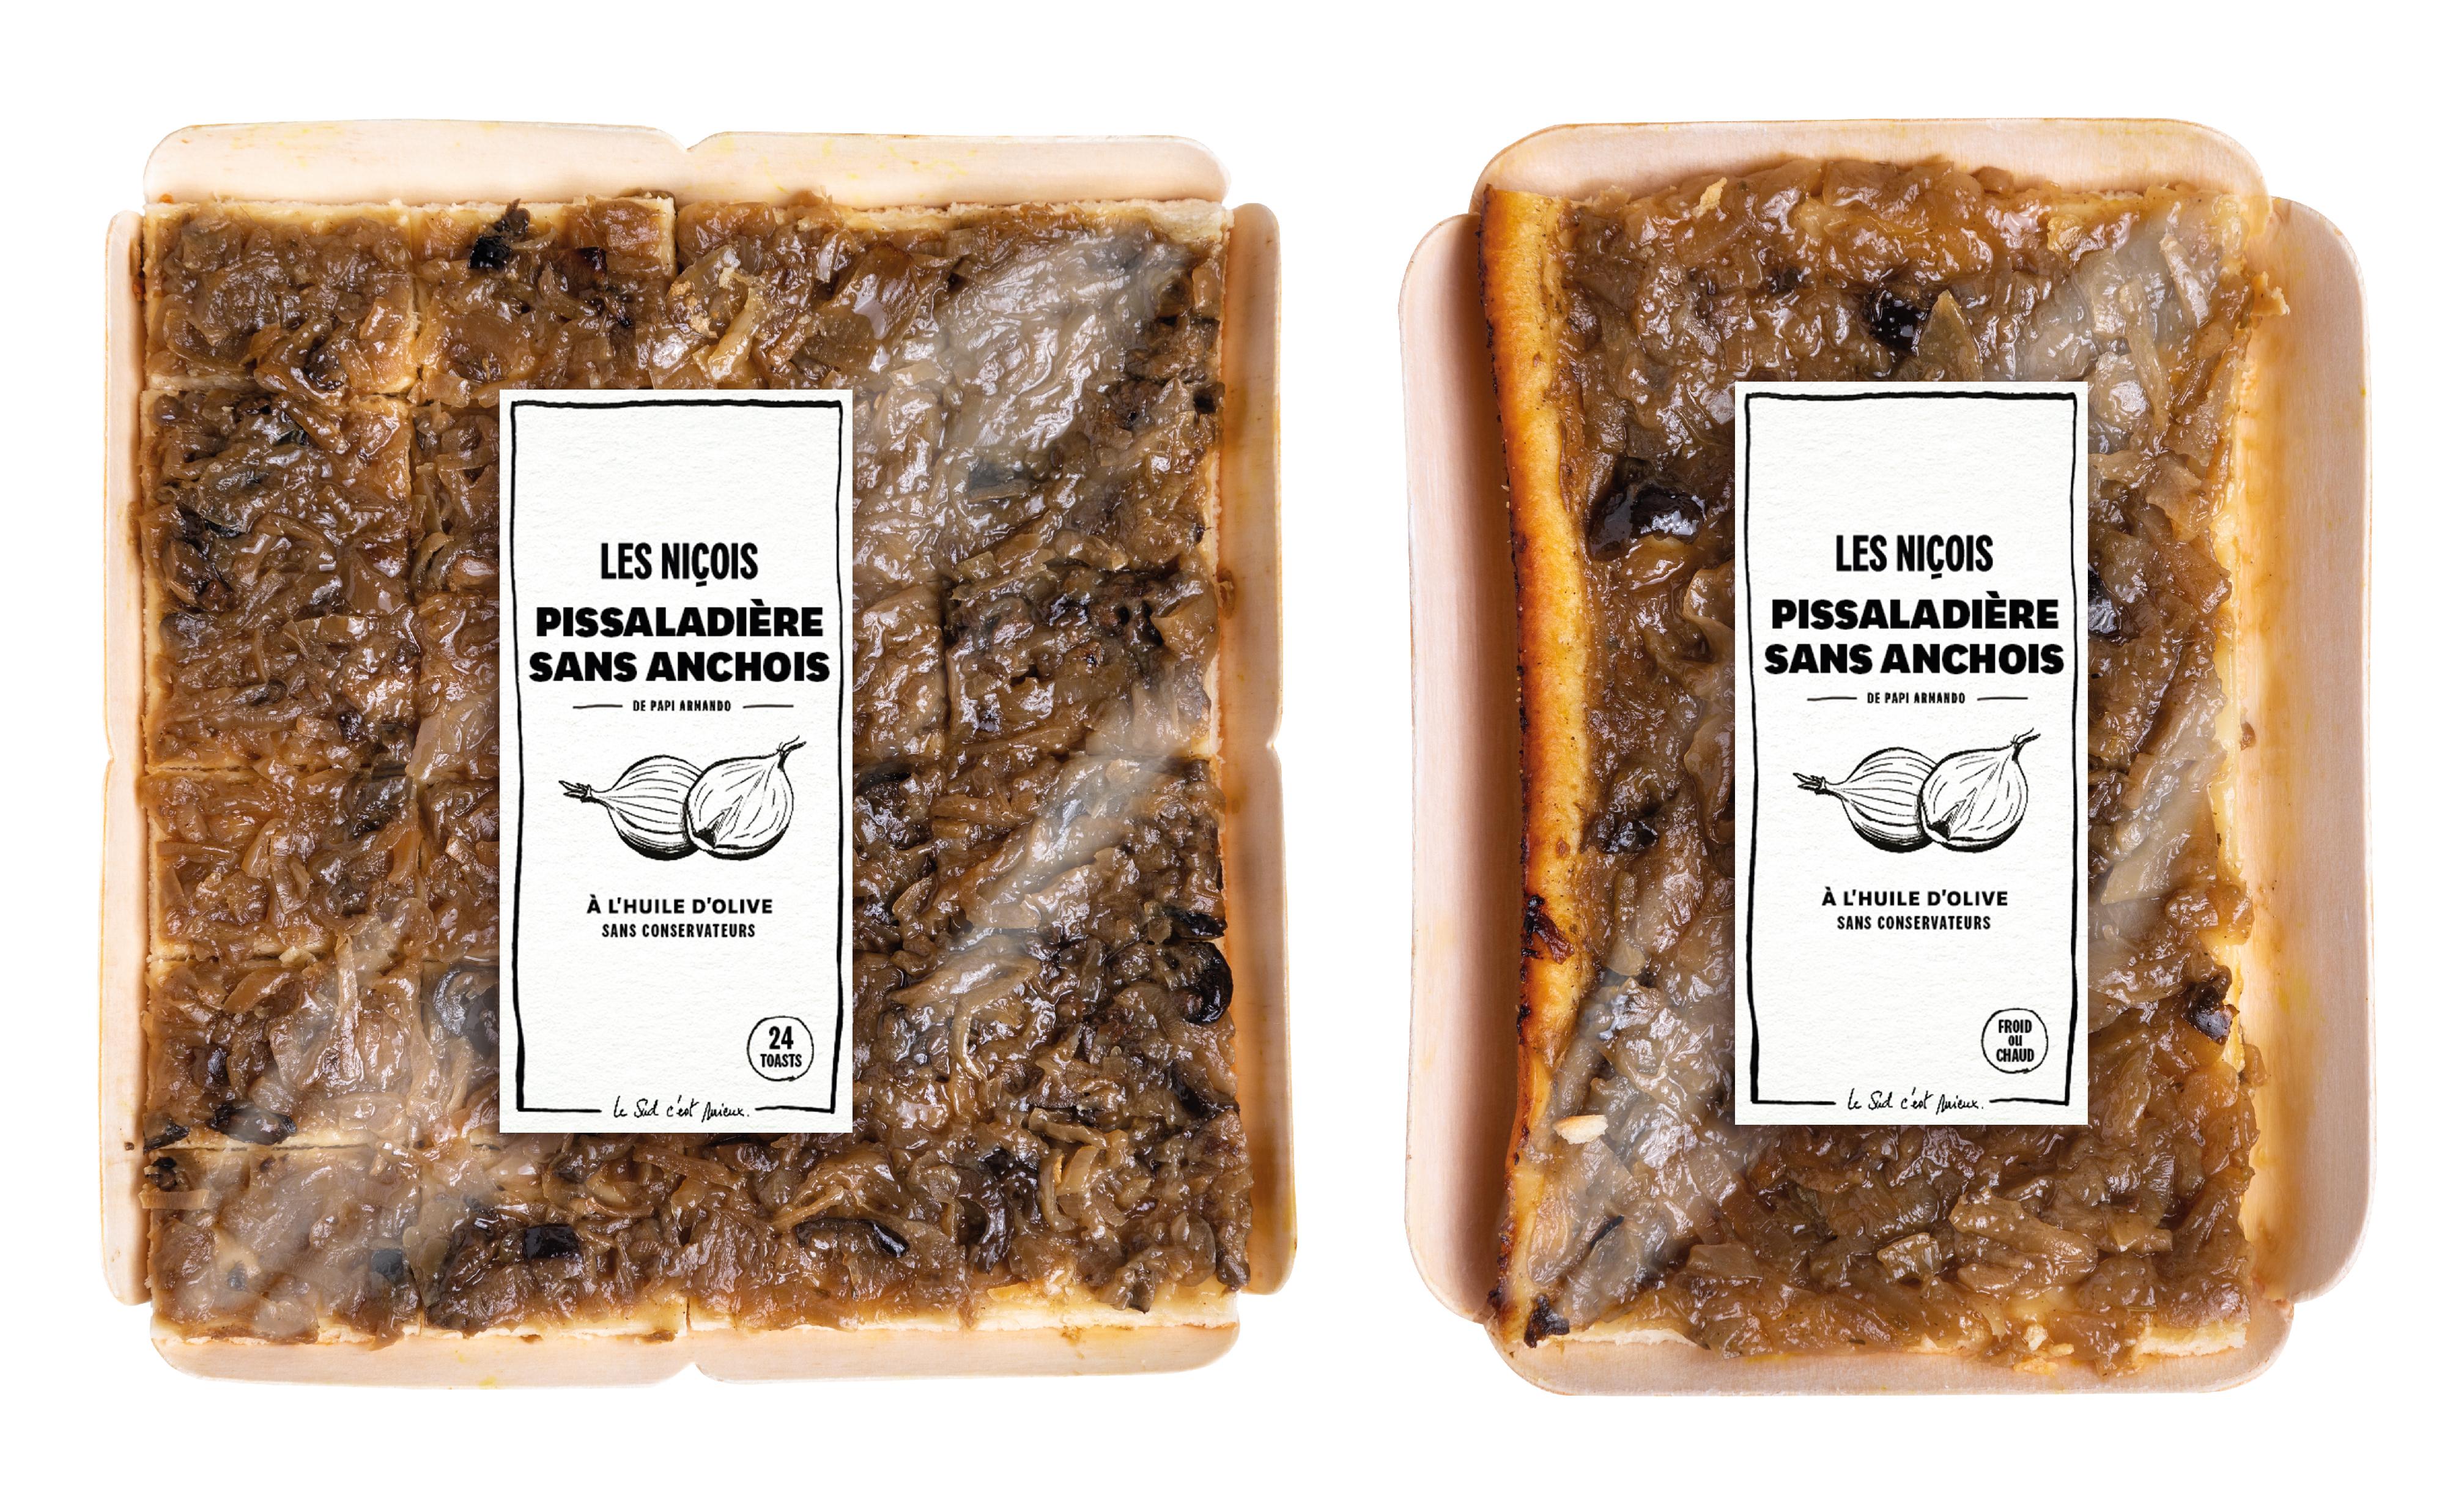 LES_NICOIS_produits-03